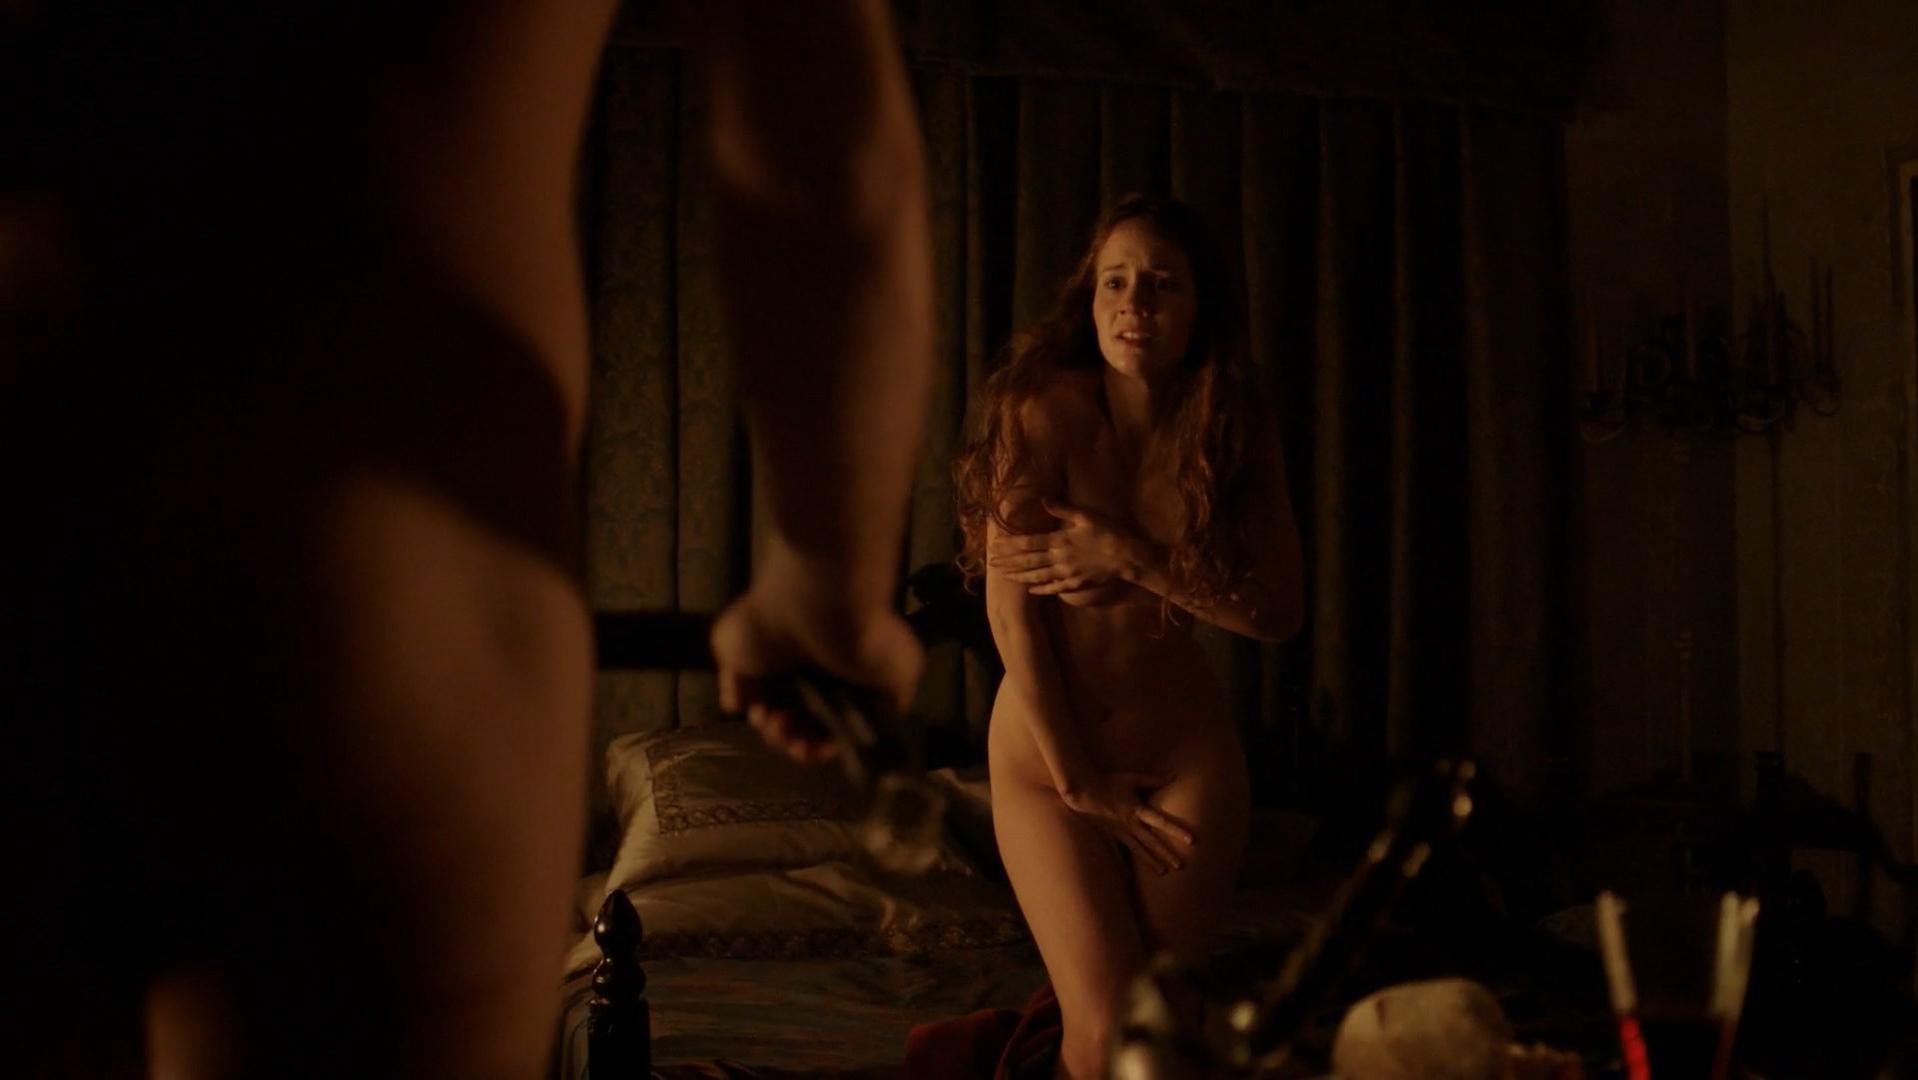 Barbora Mudrova nude - Borgia s01e02 (2011)